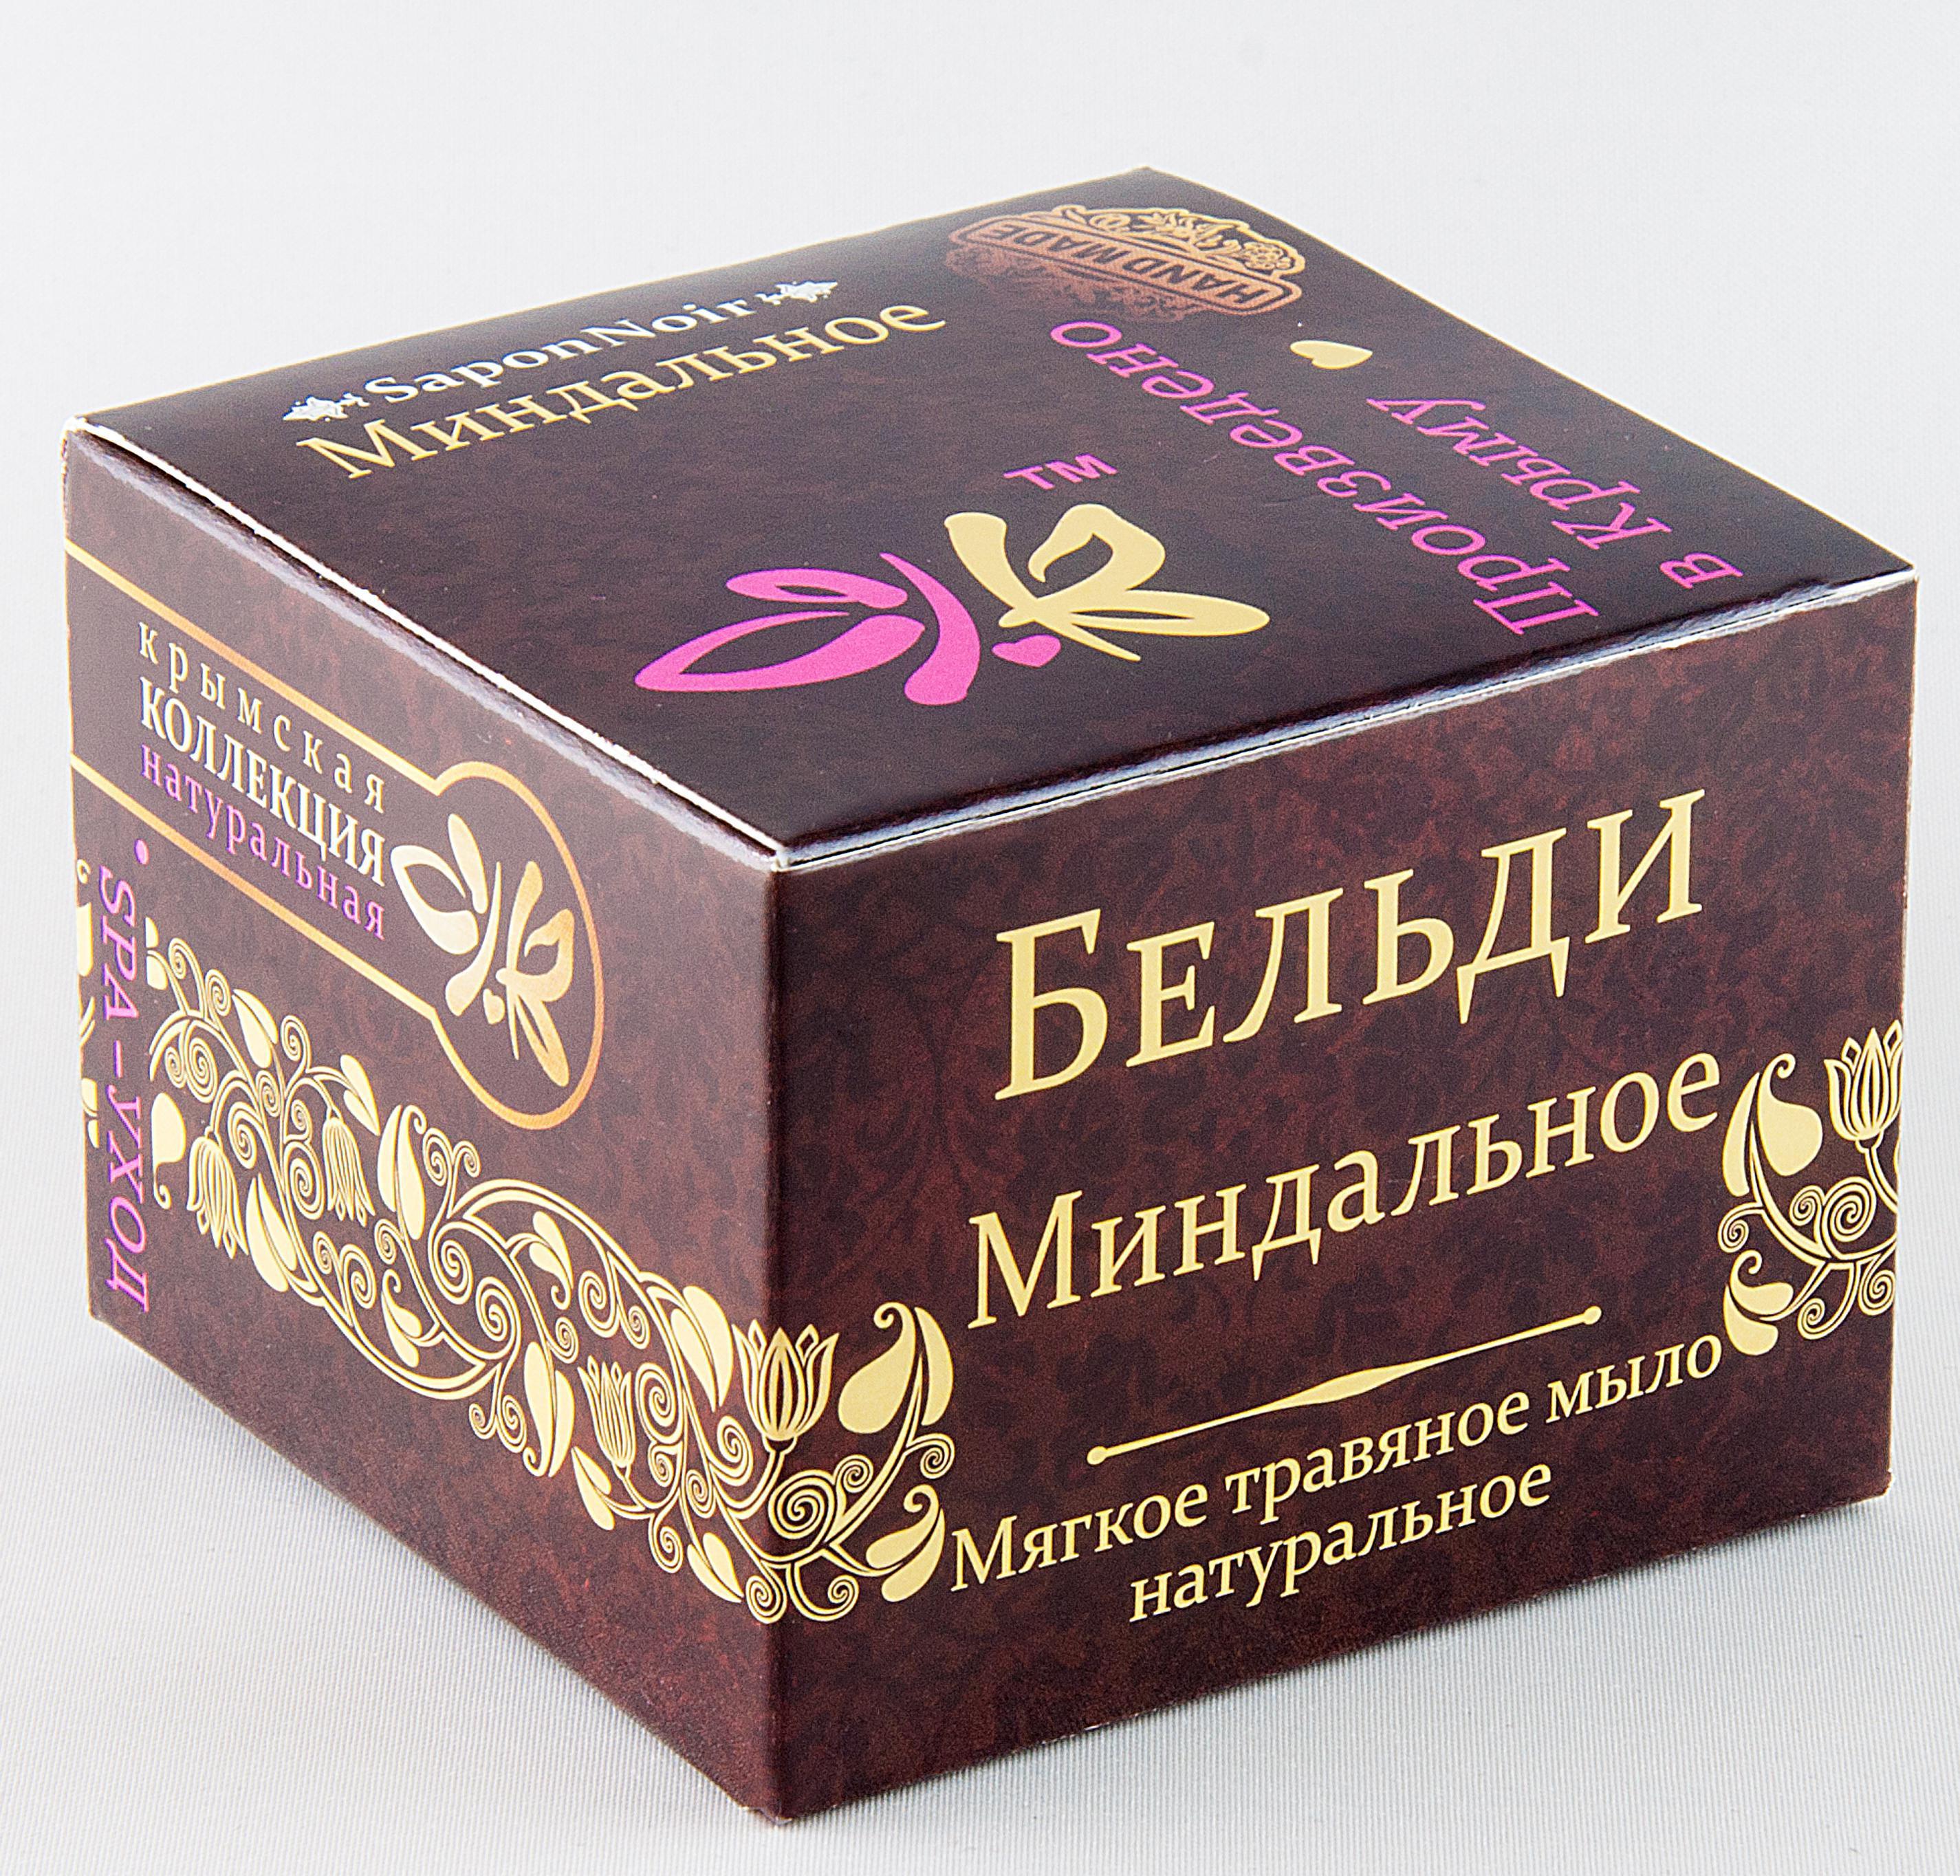 Мягкое травяное мыло Миндальное 120 гр.